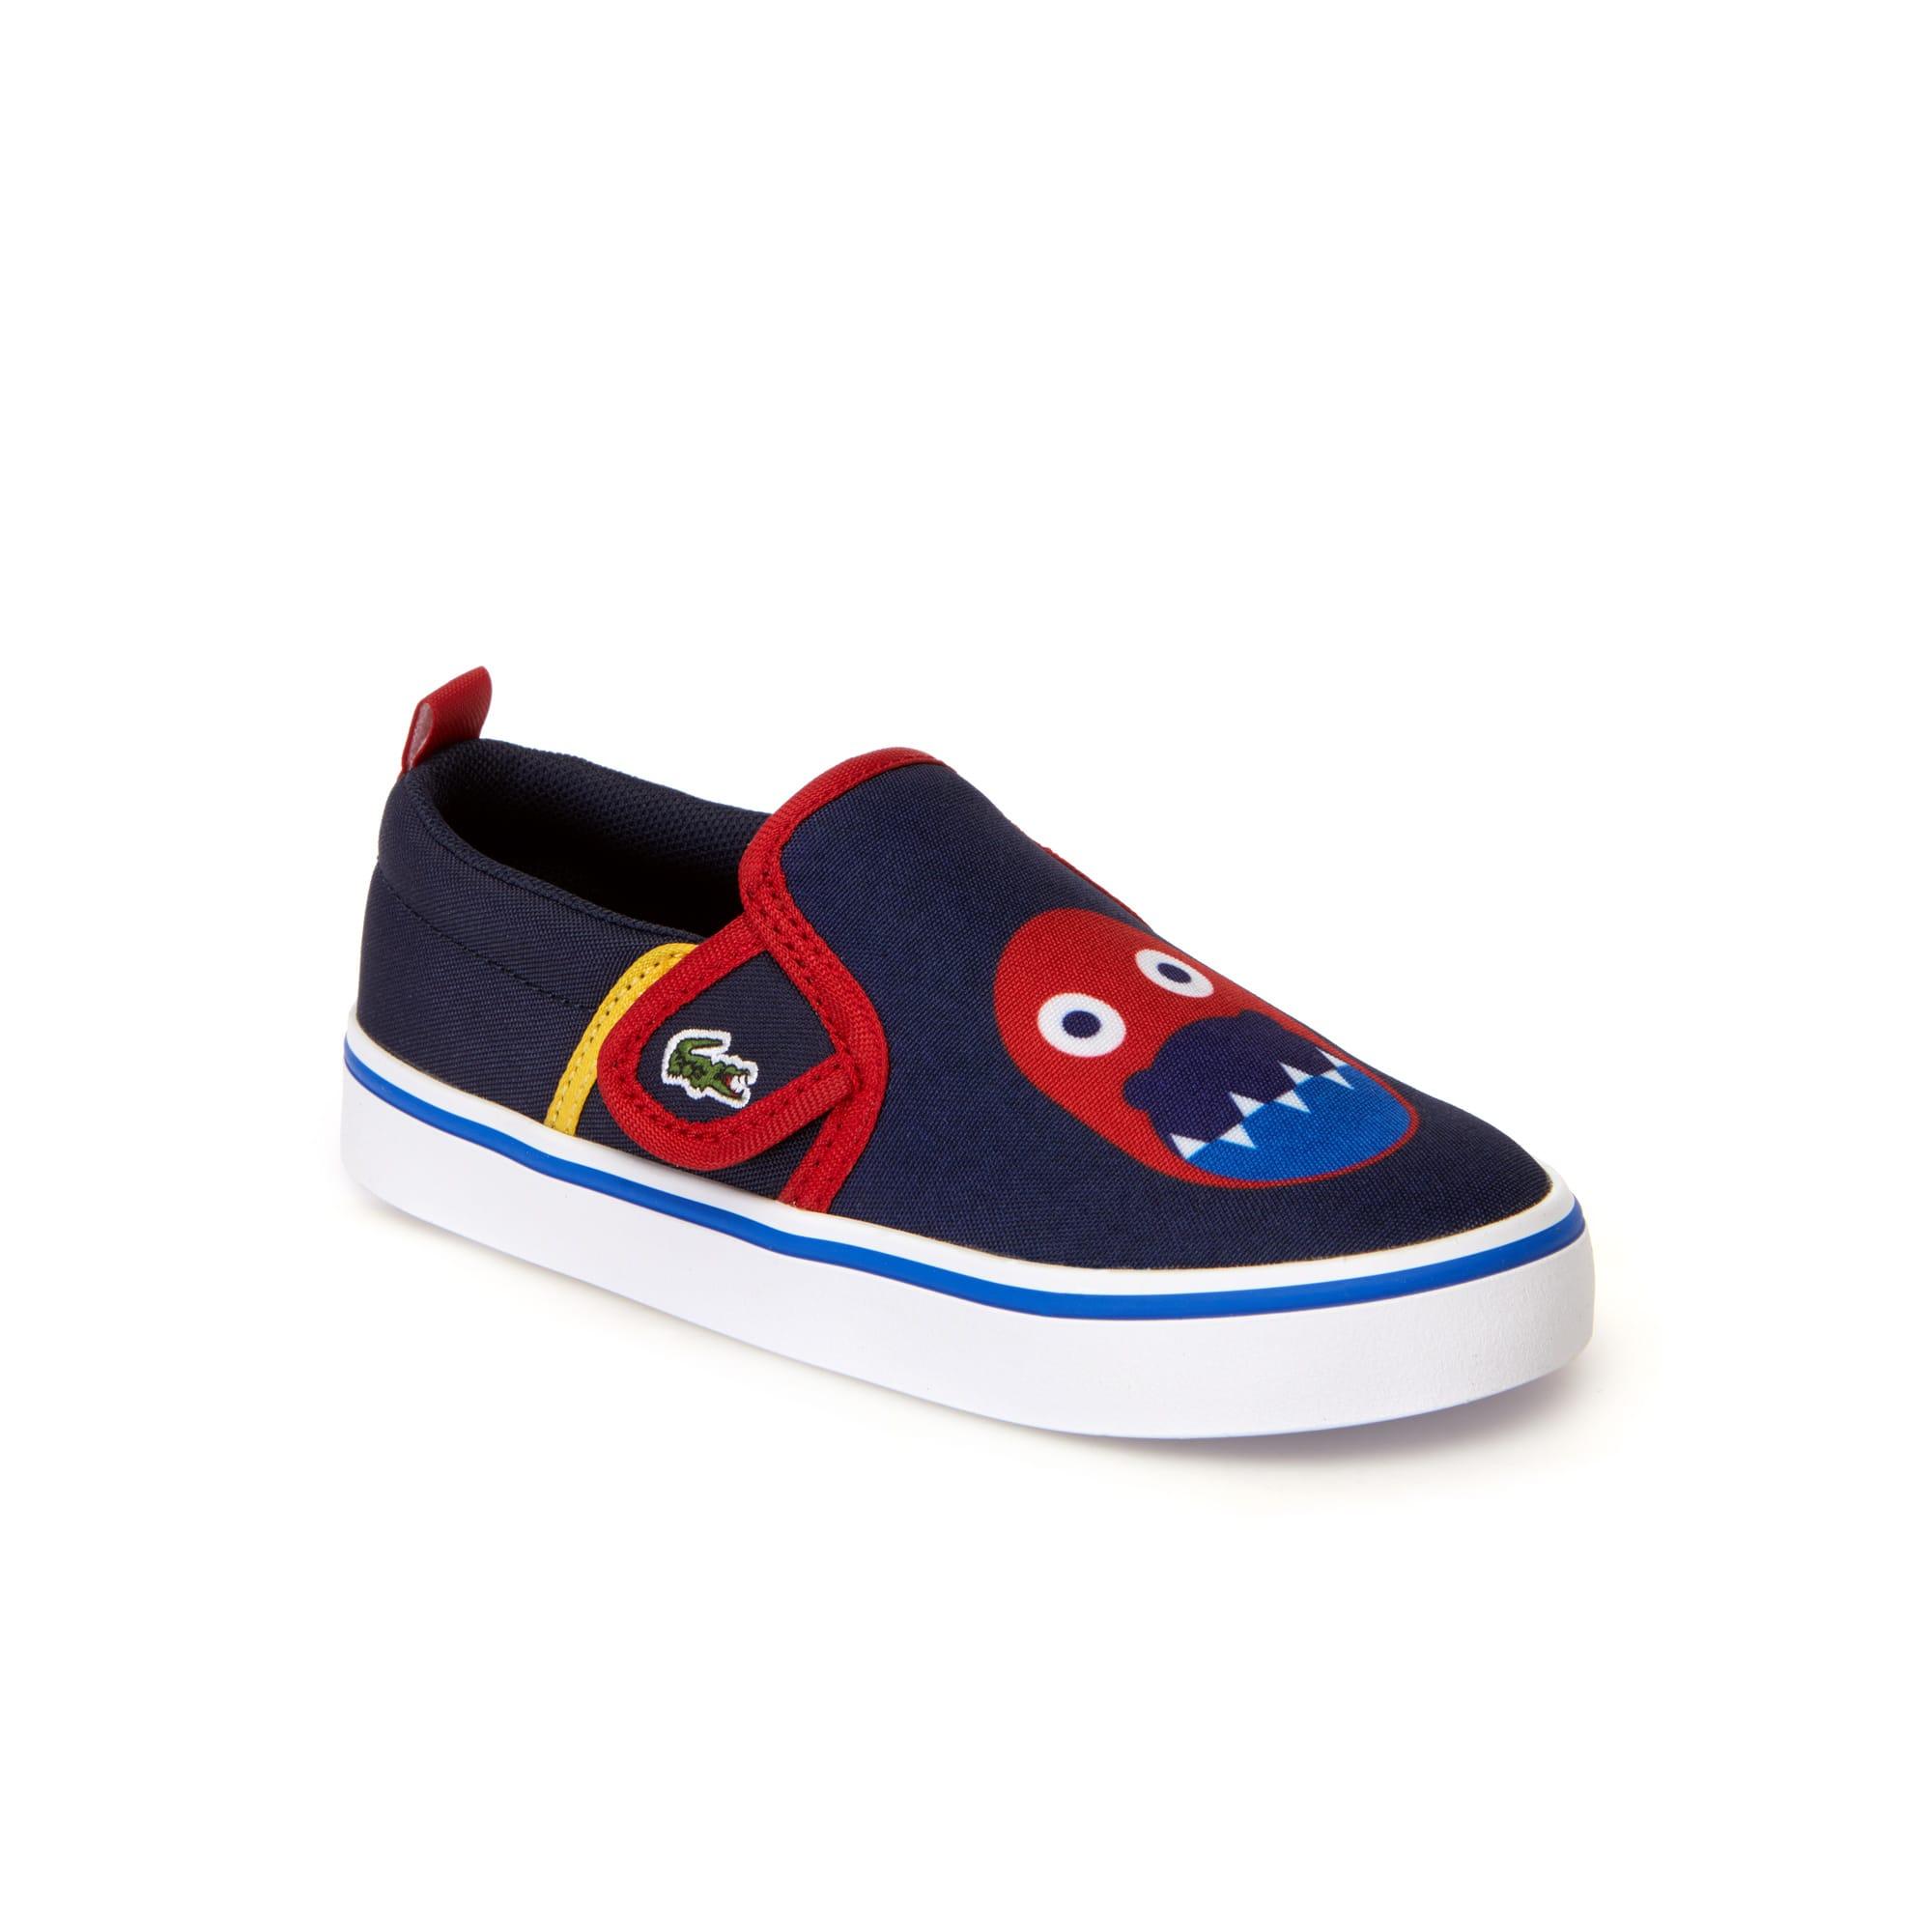 حذاء بدون رباط سهل الارتداء من قماش الكنفا الملون من مجموعة Gazon للأطفال الرضع